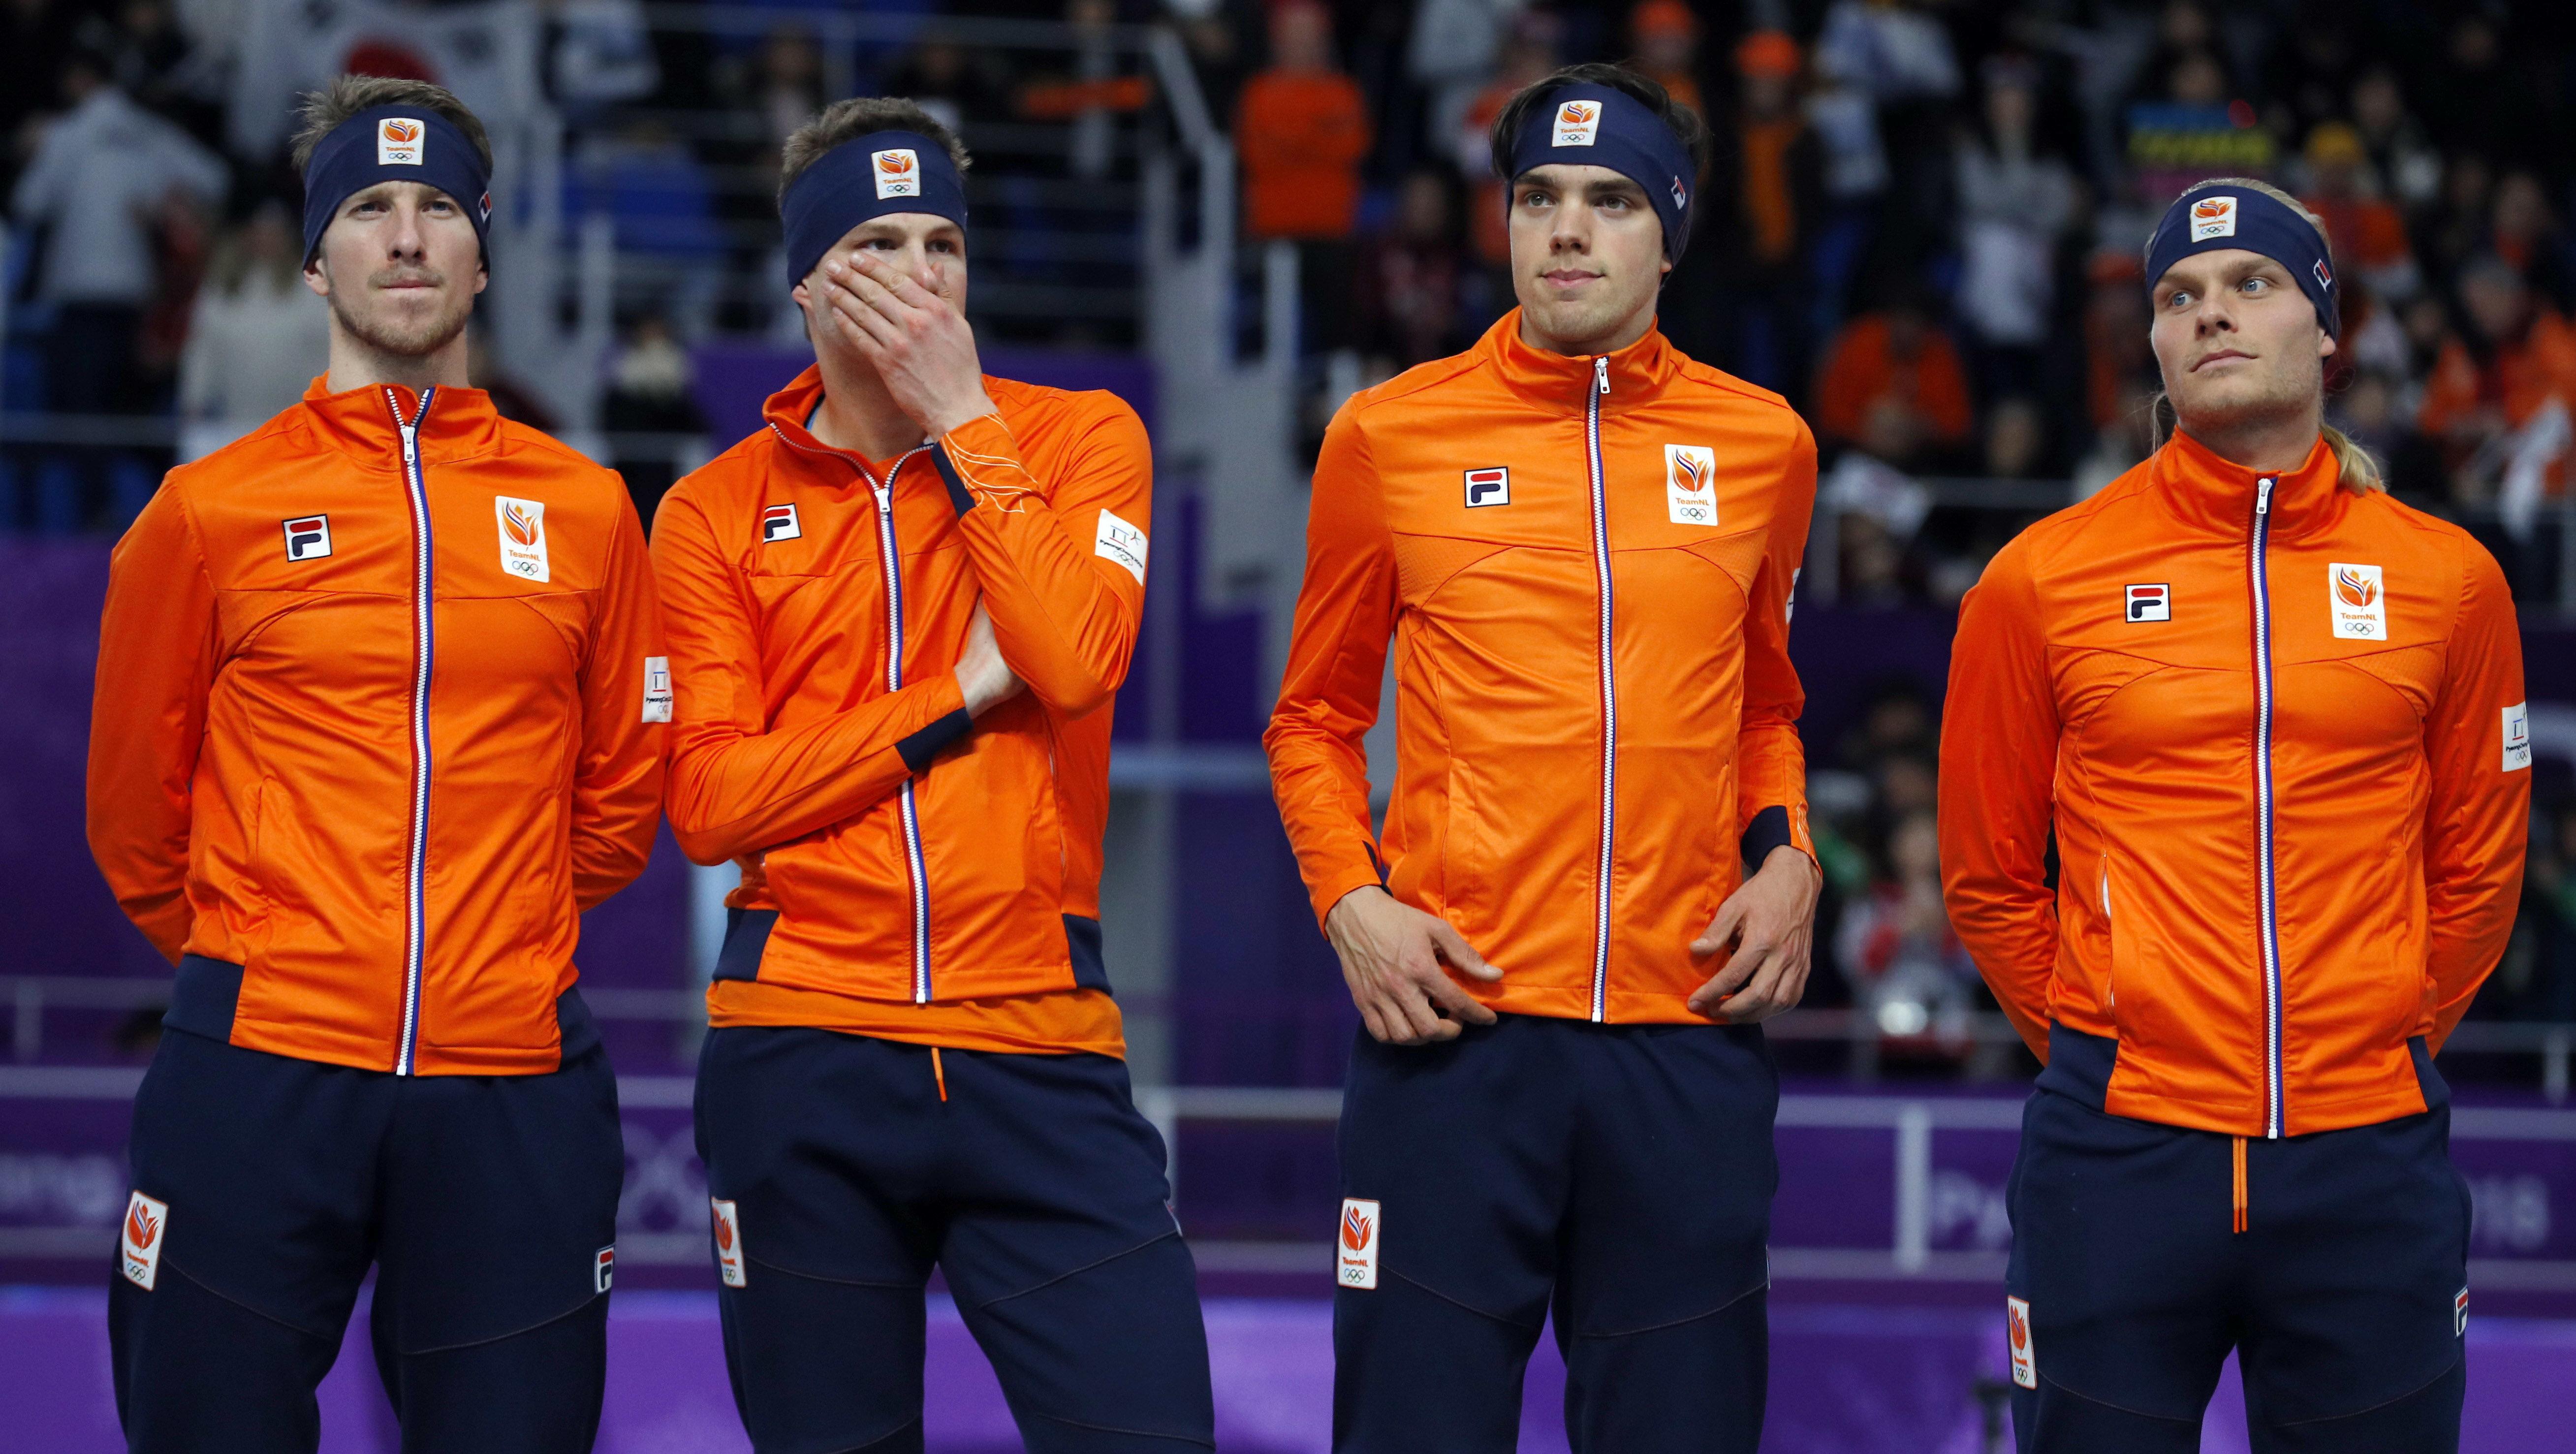 네덜란드 선수단이 연달아 한국인에게 사과하고